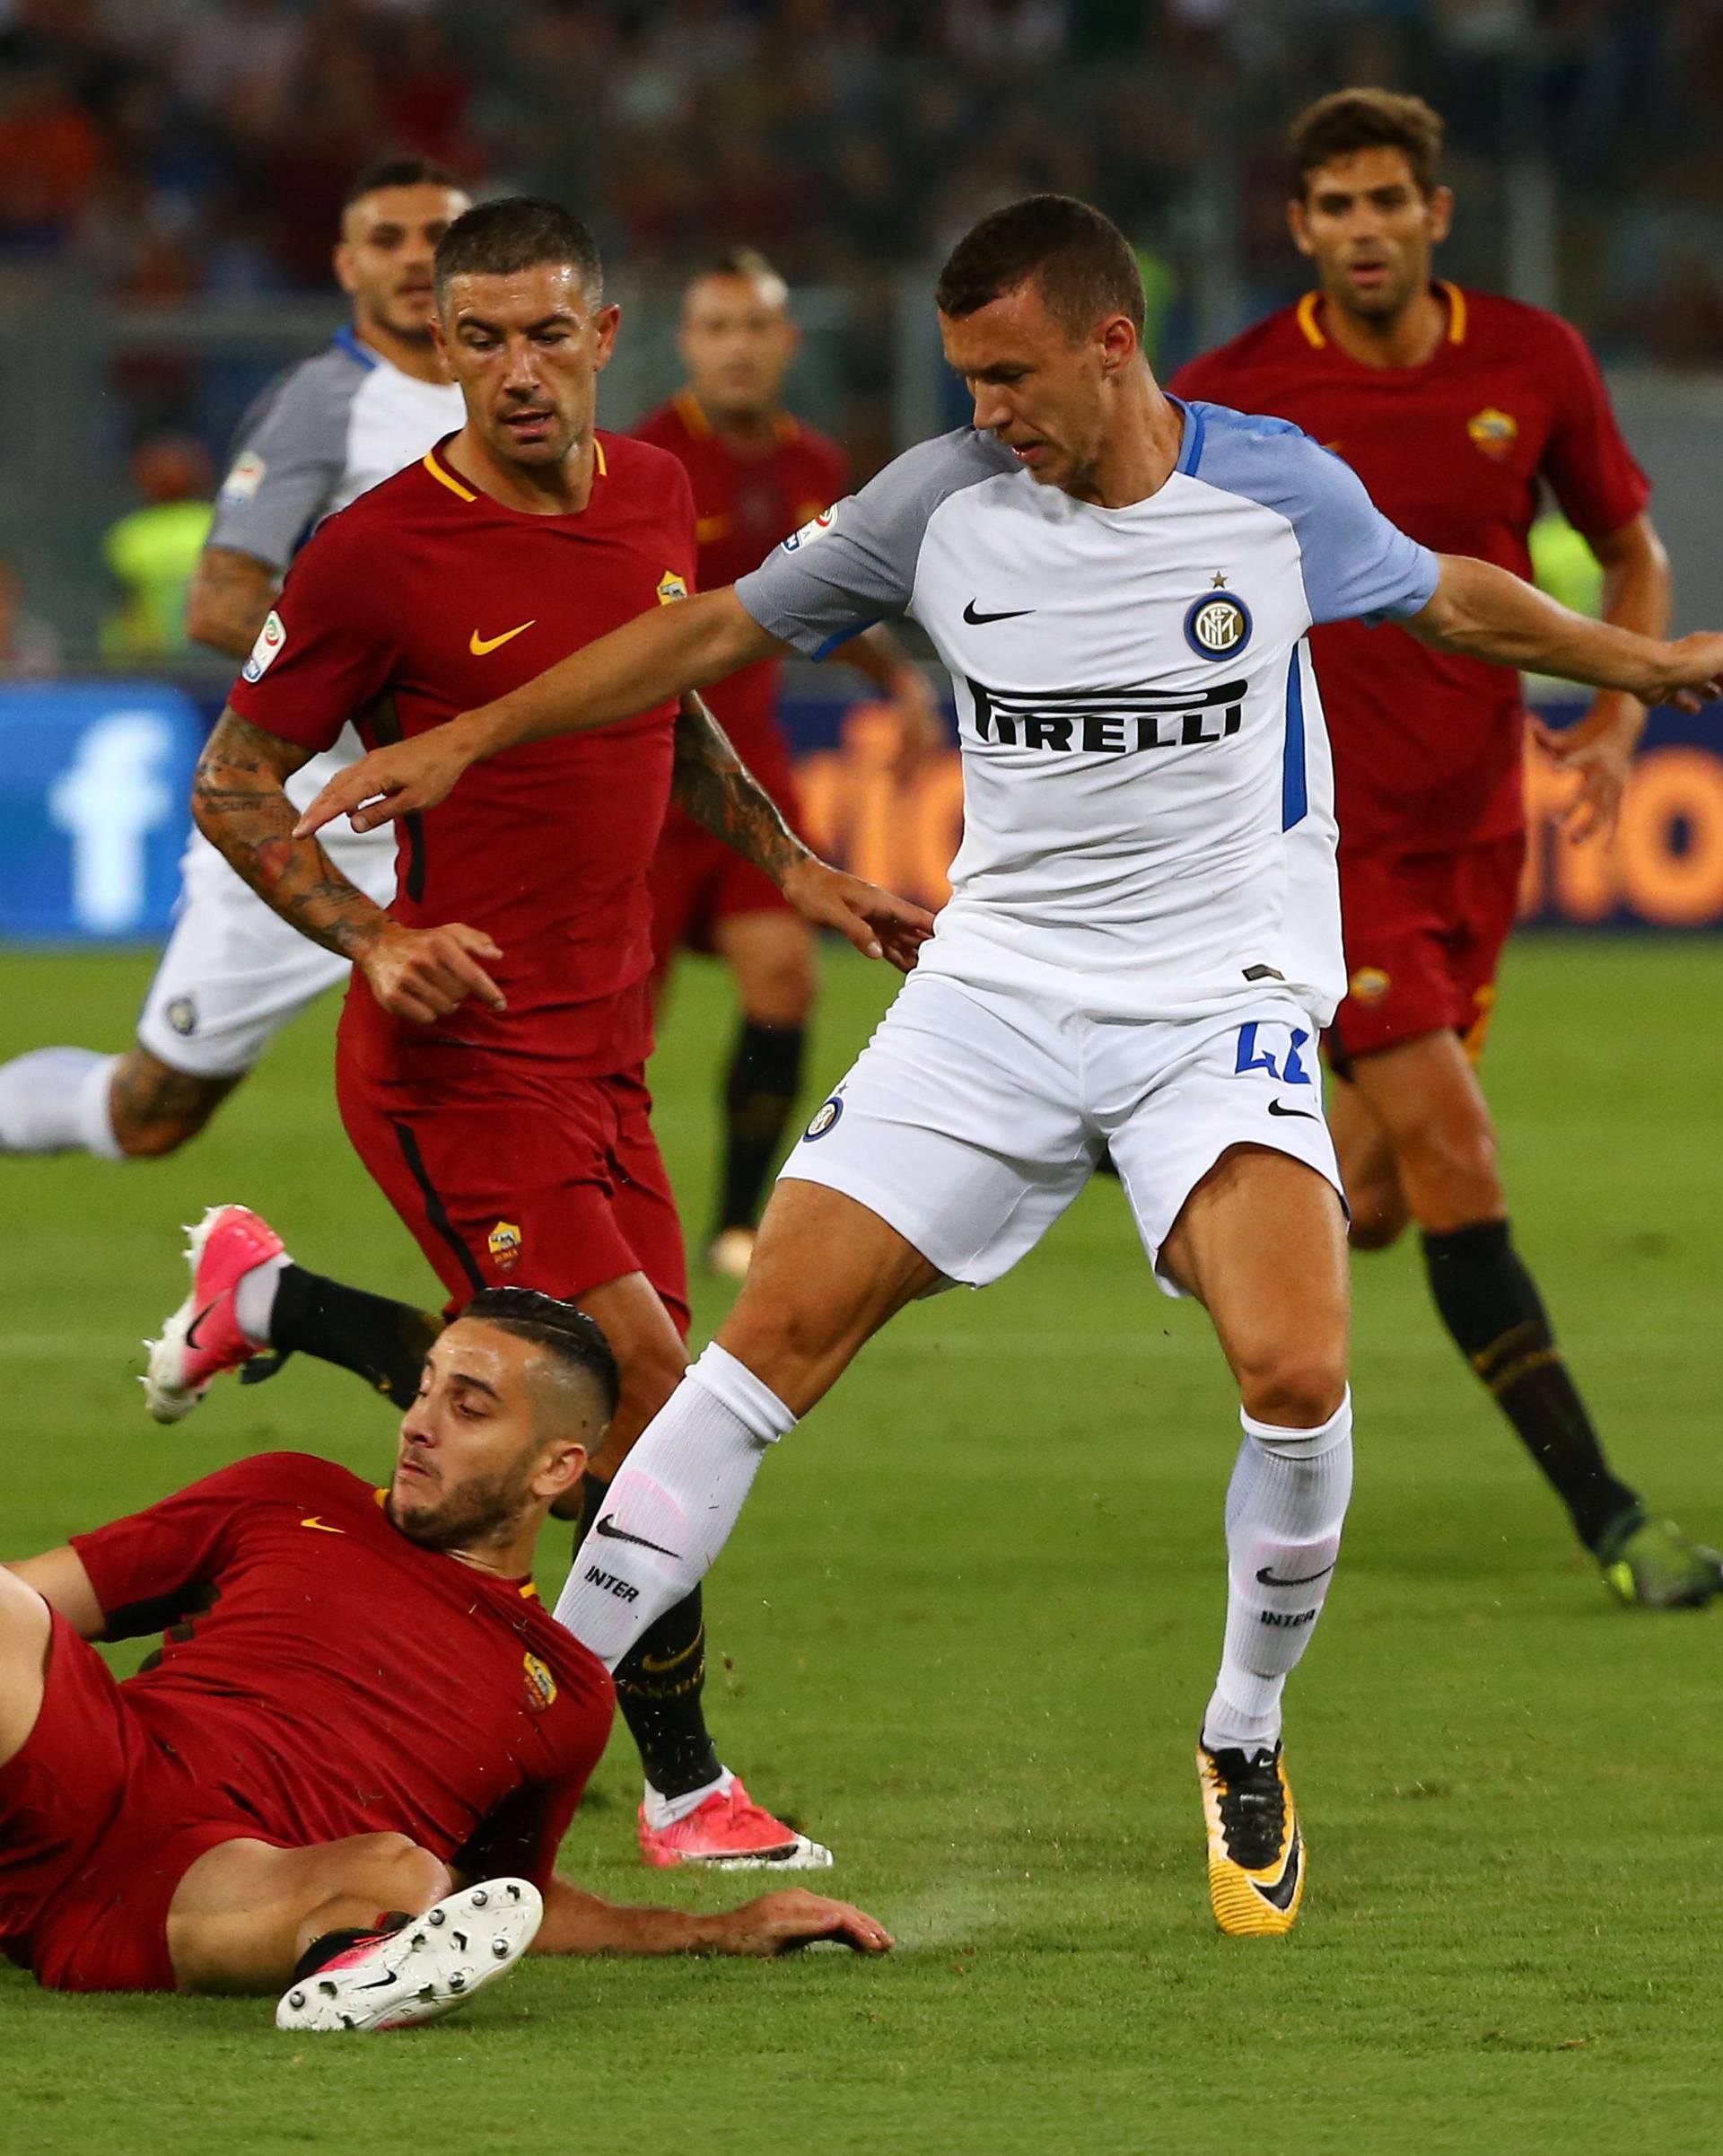 Serie A - AS Roma vs Inter Milan